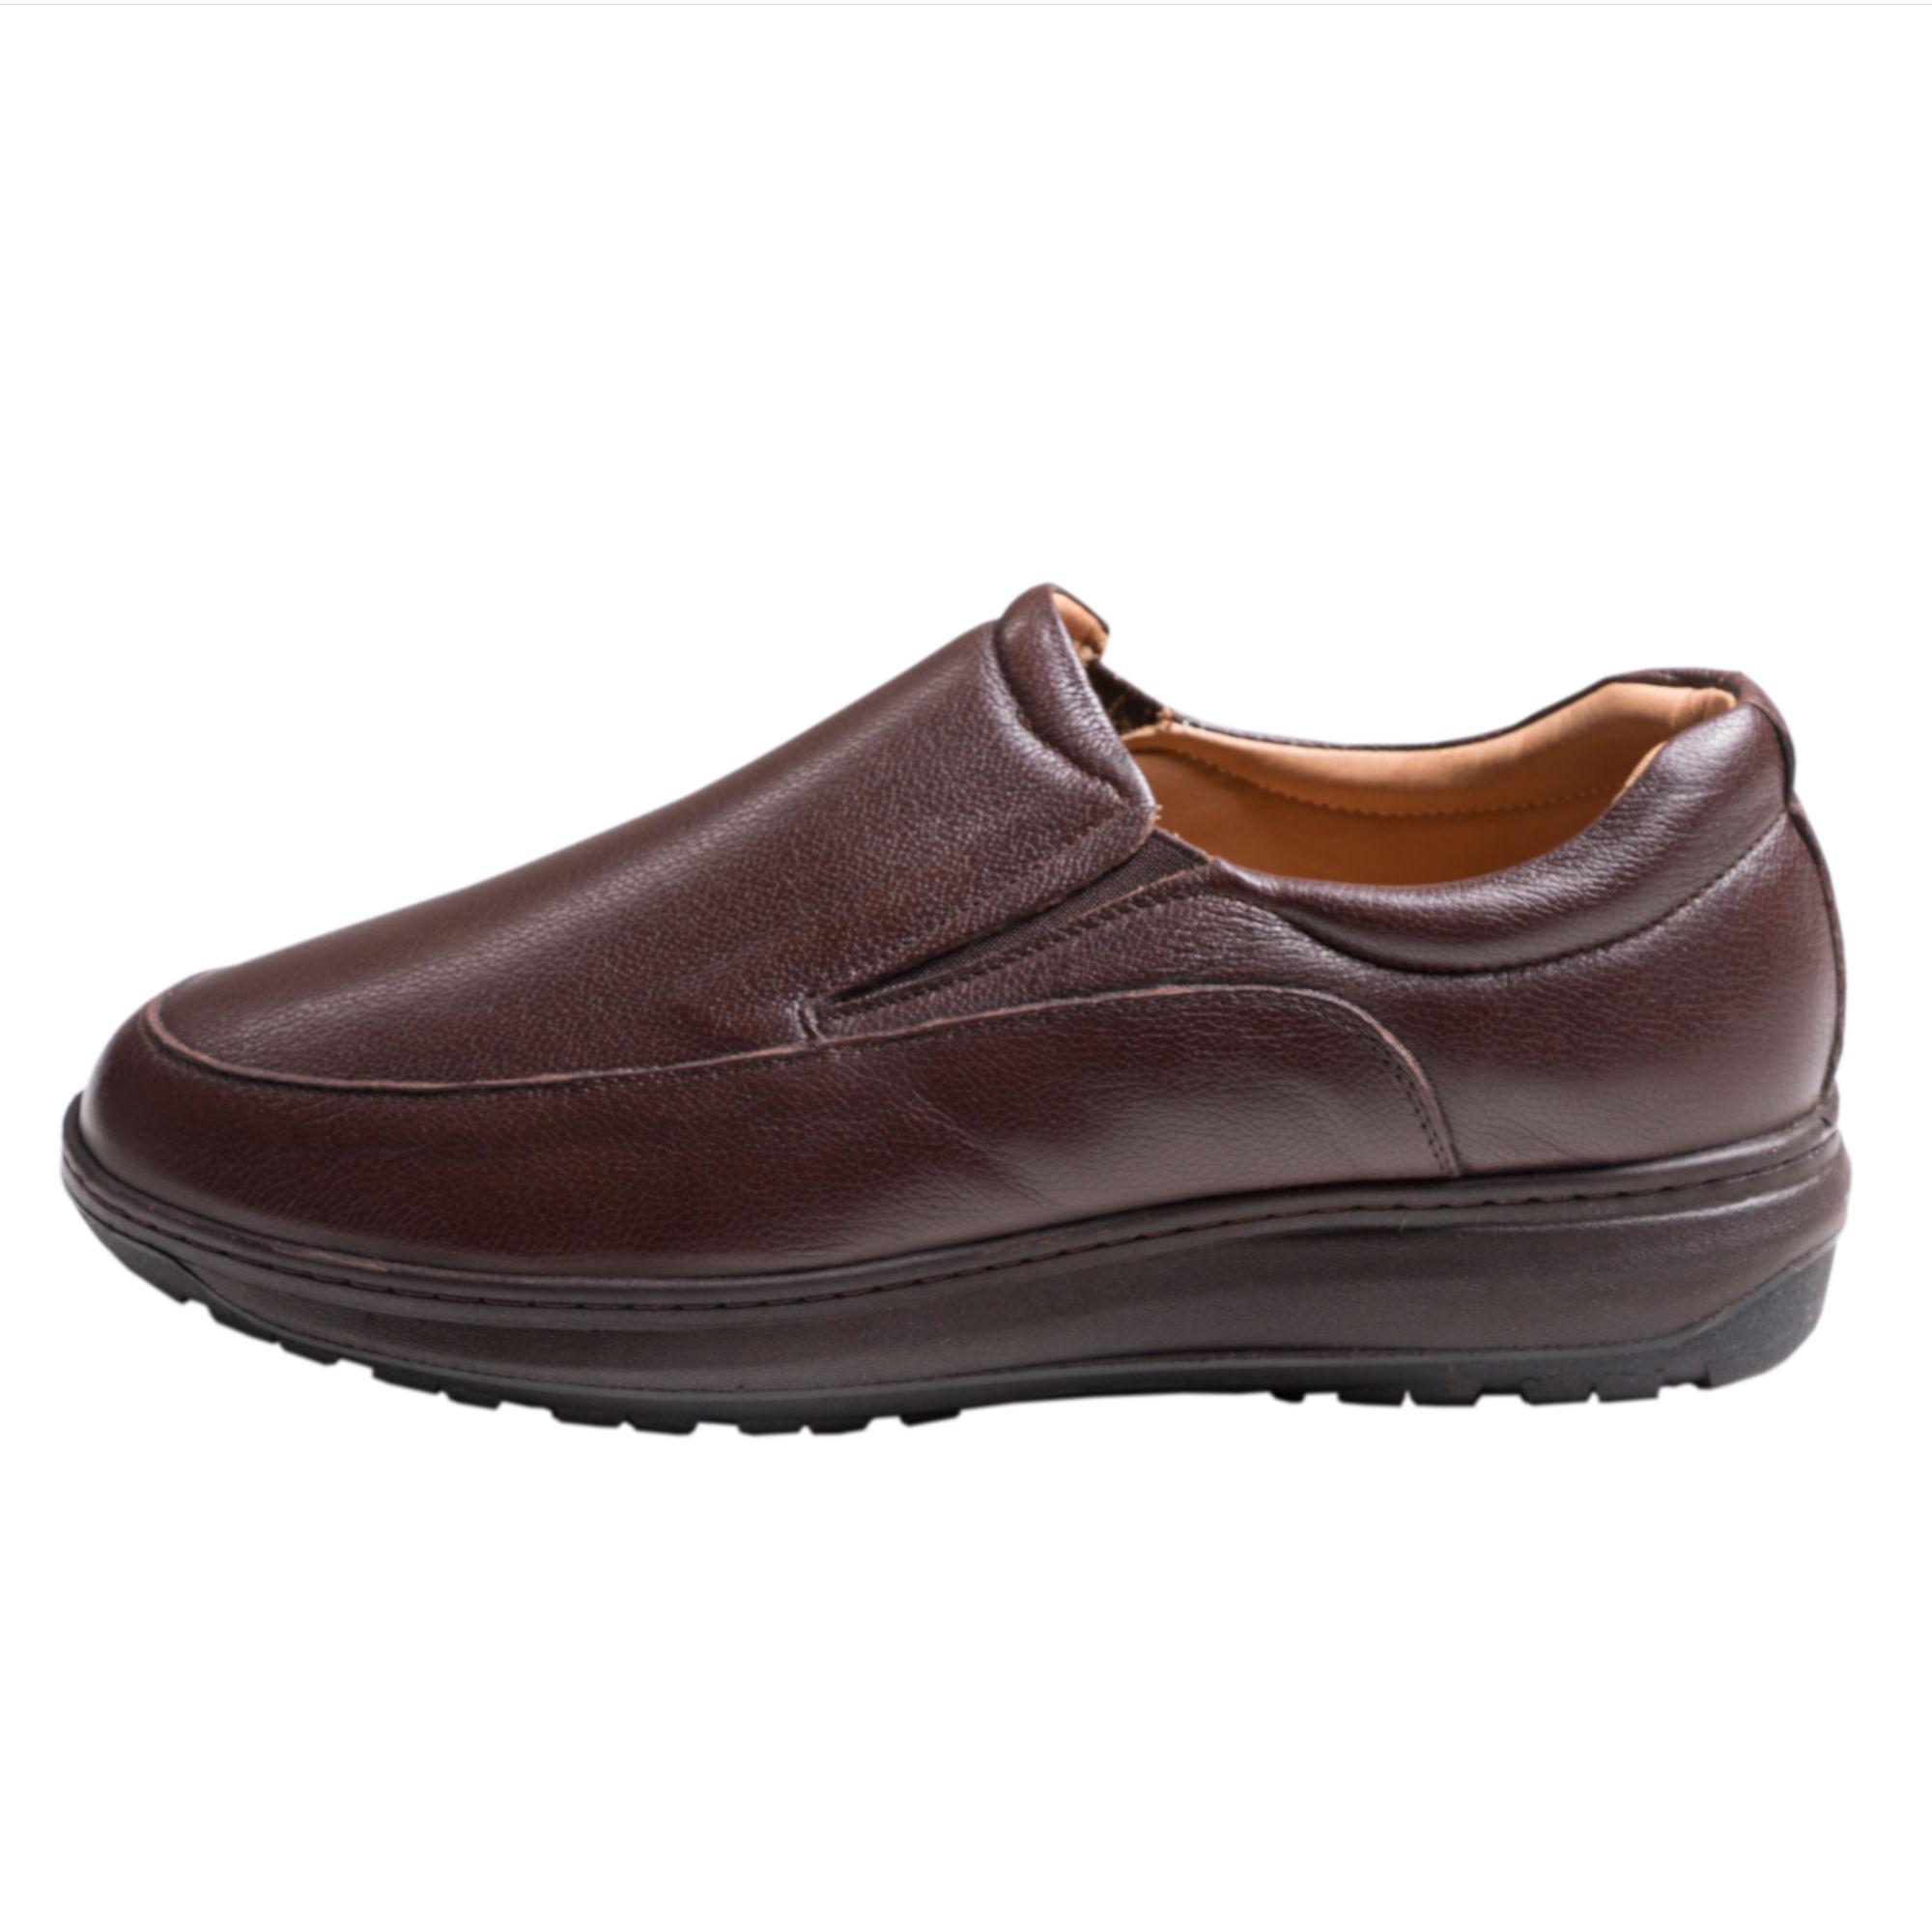 کفش مردانه سی سی مدل کنتال